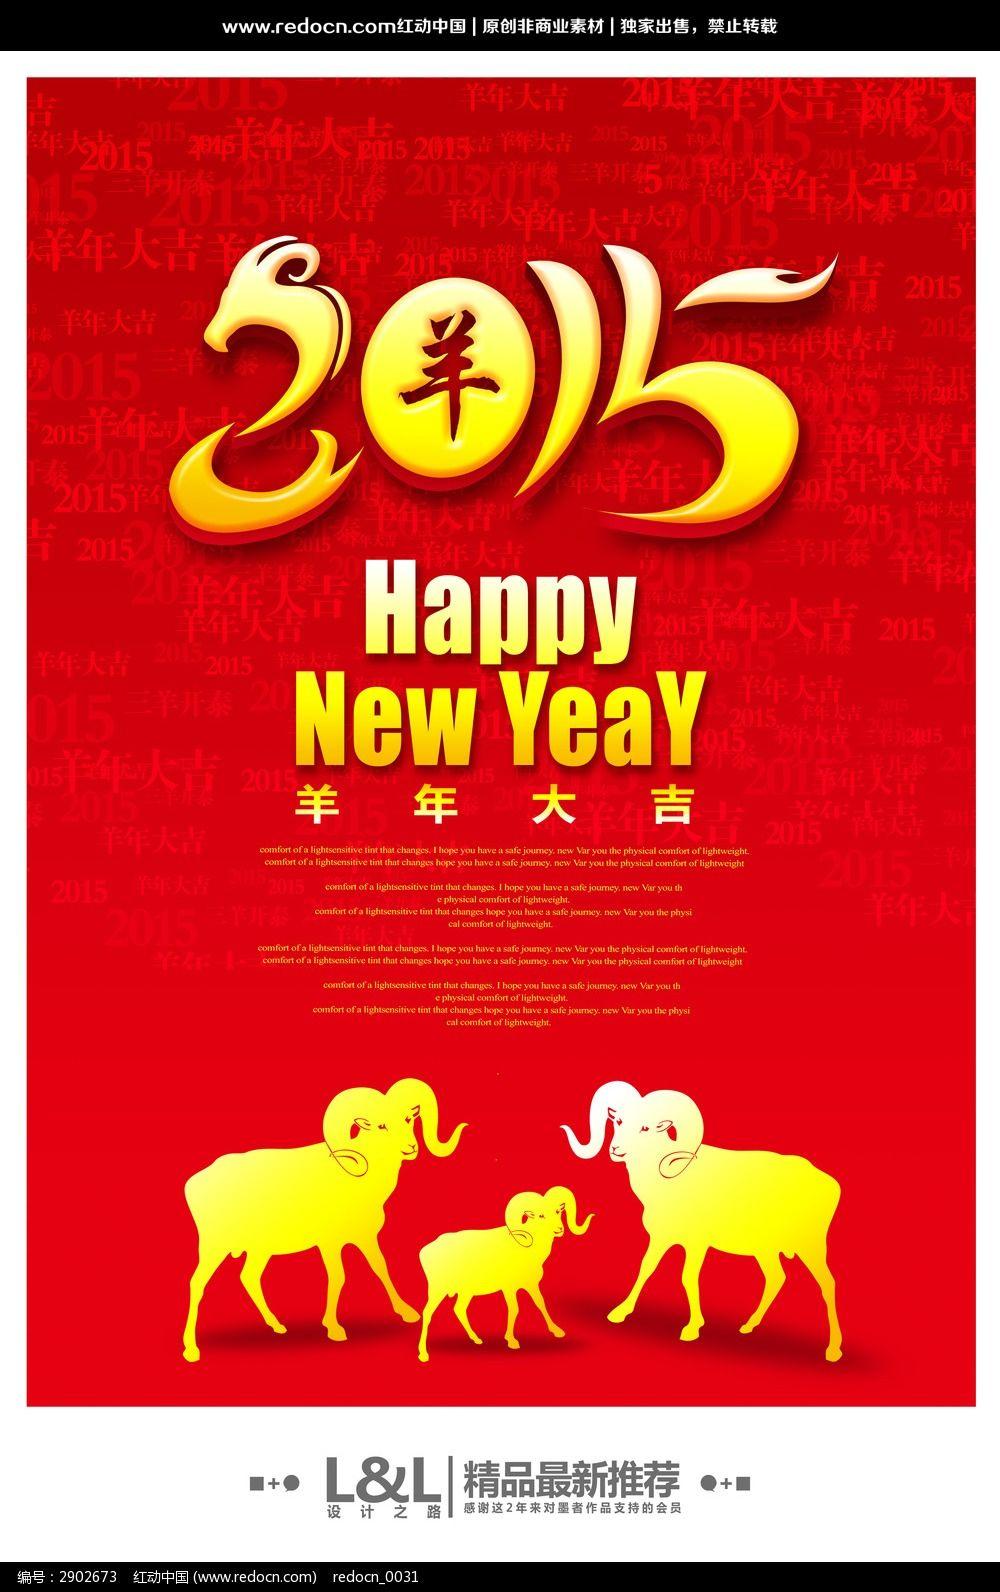 2015羊年大吉创意海报